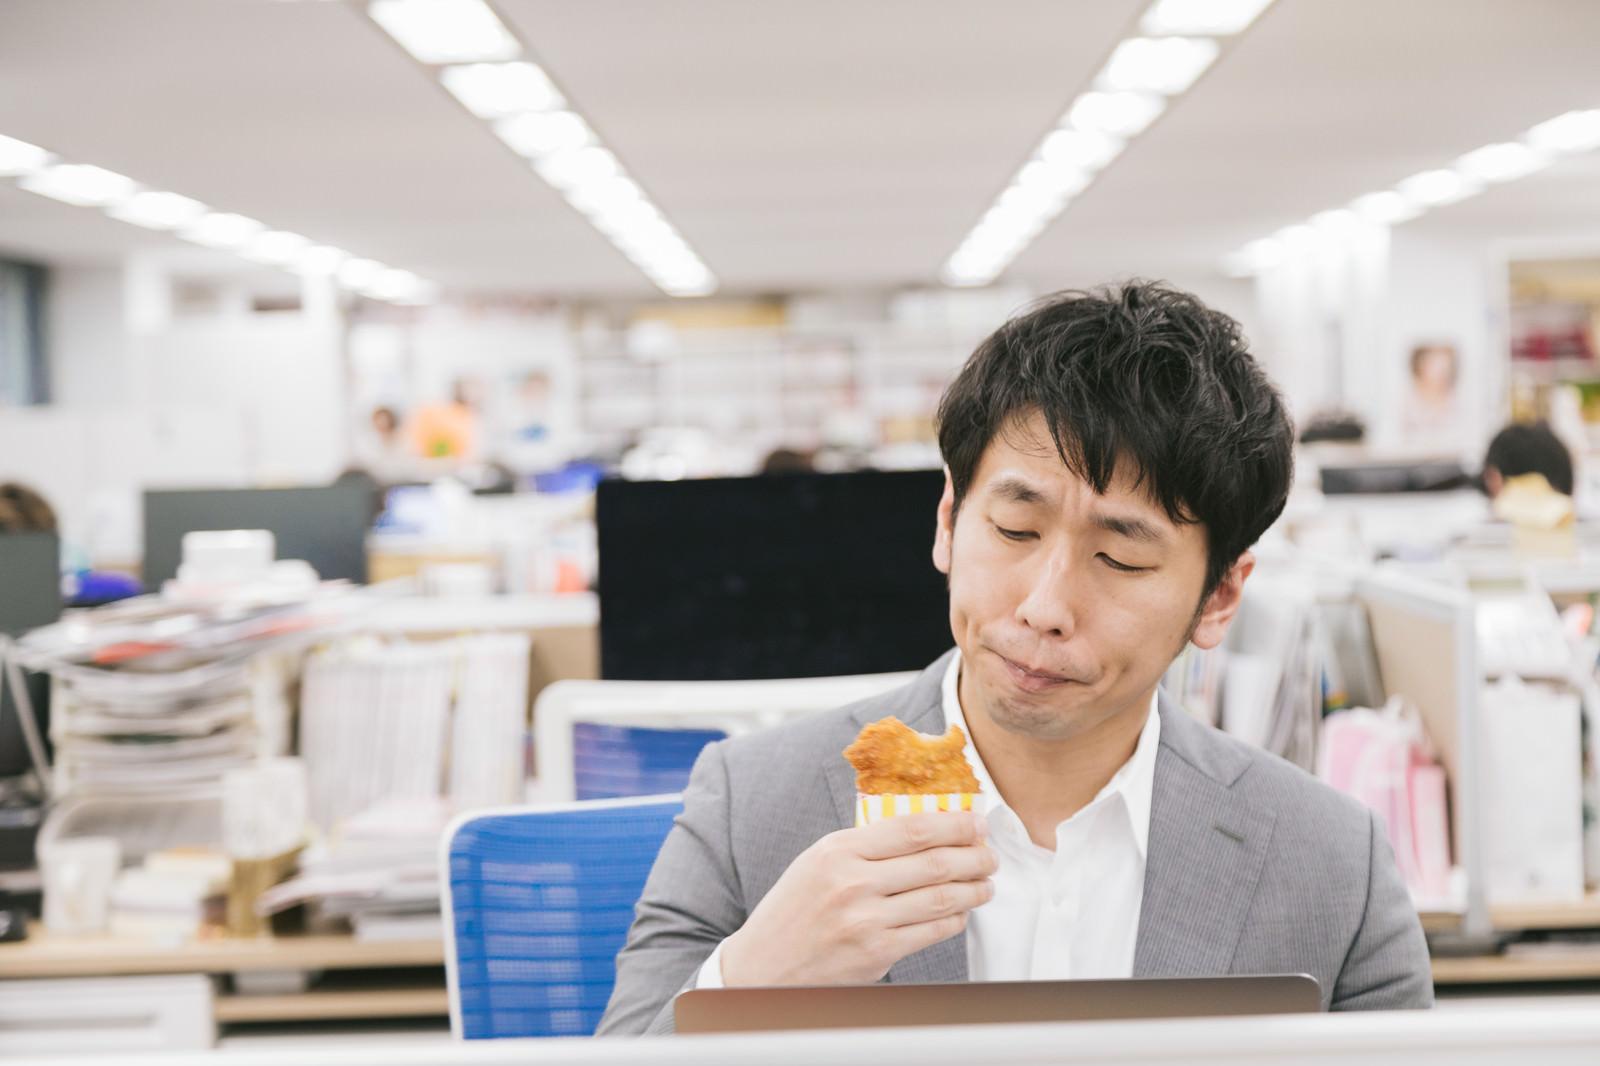 「仕事中に骨なしフライドチキンを食べるサラリーマン」の写真[モデル:大川竜弥]